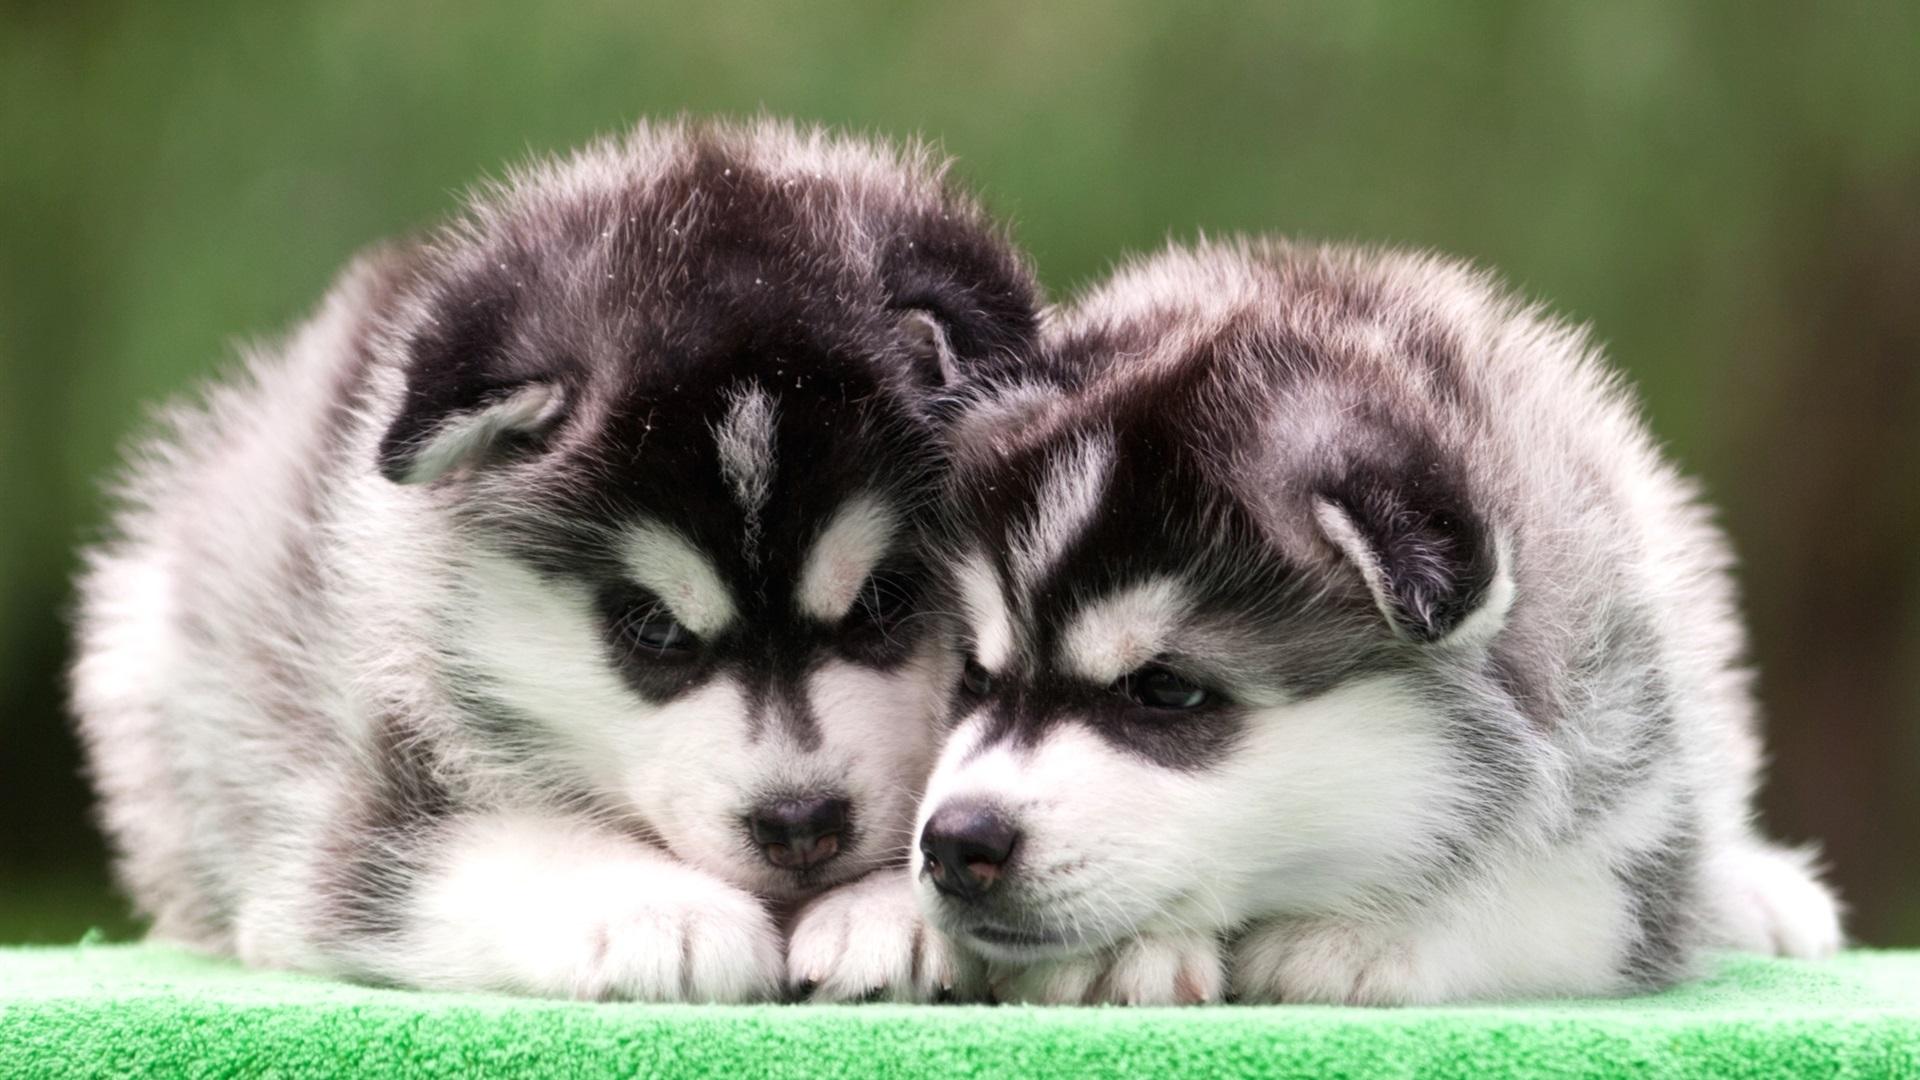 1080 Huky Puppies: 壁紙 ハスキーの子犬、2匹の犬 1920x1200 HD 無料のデスクトップの背景, 画像